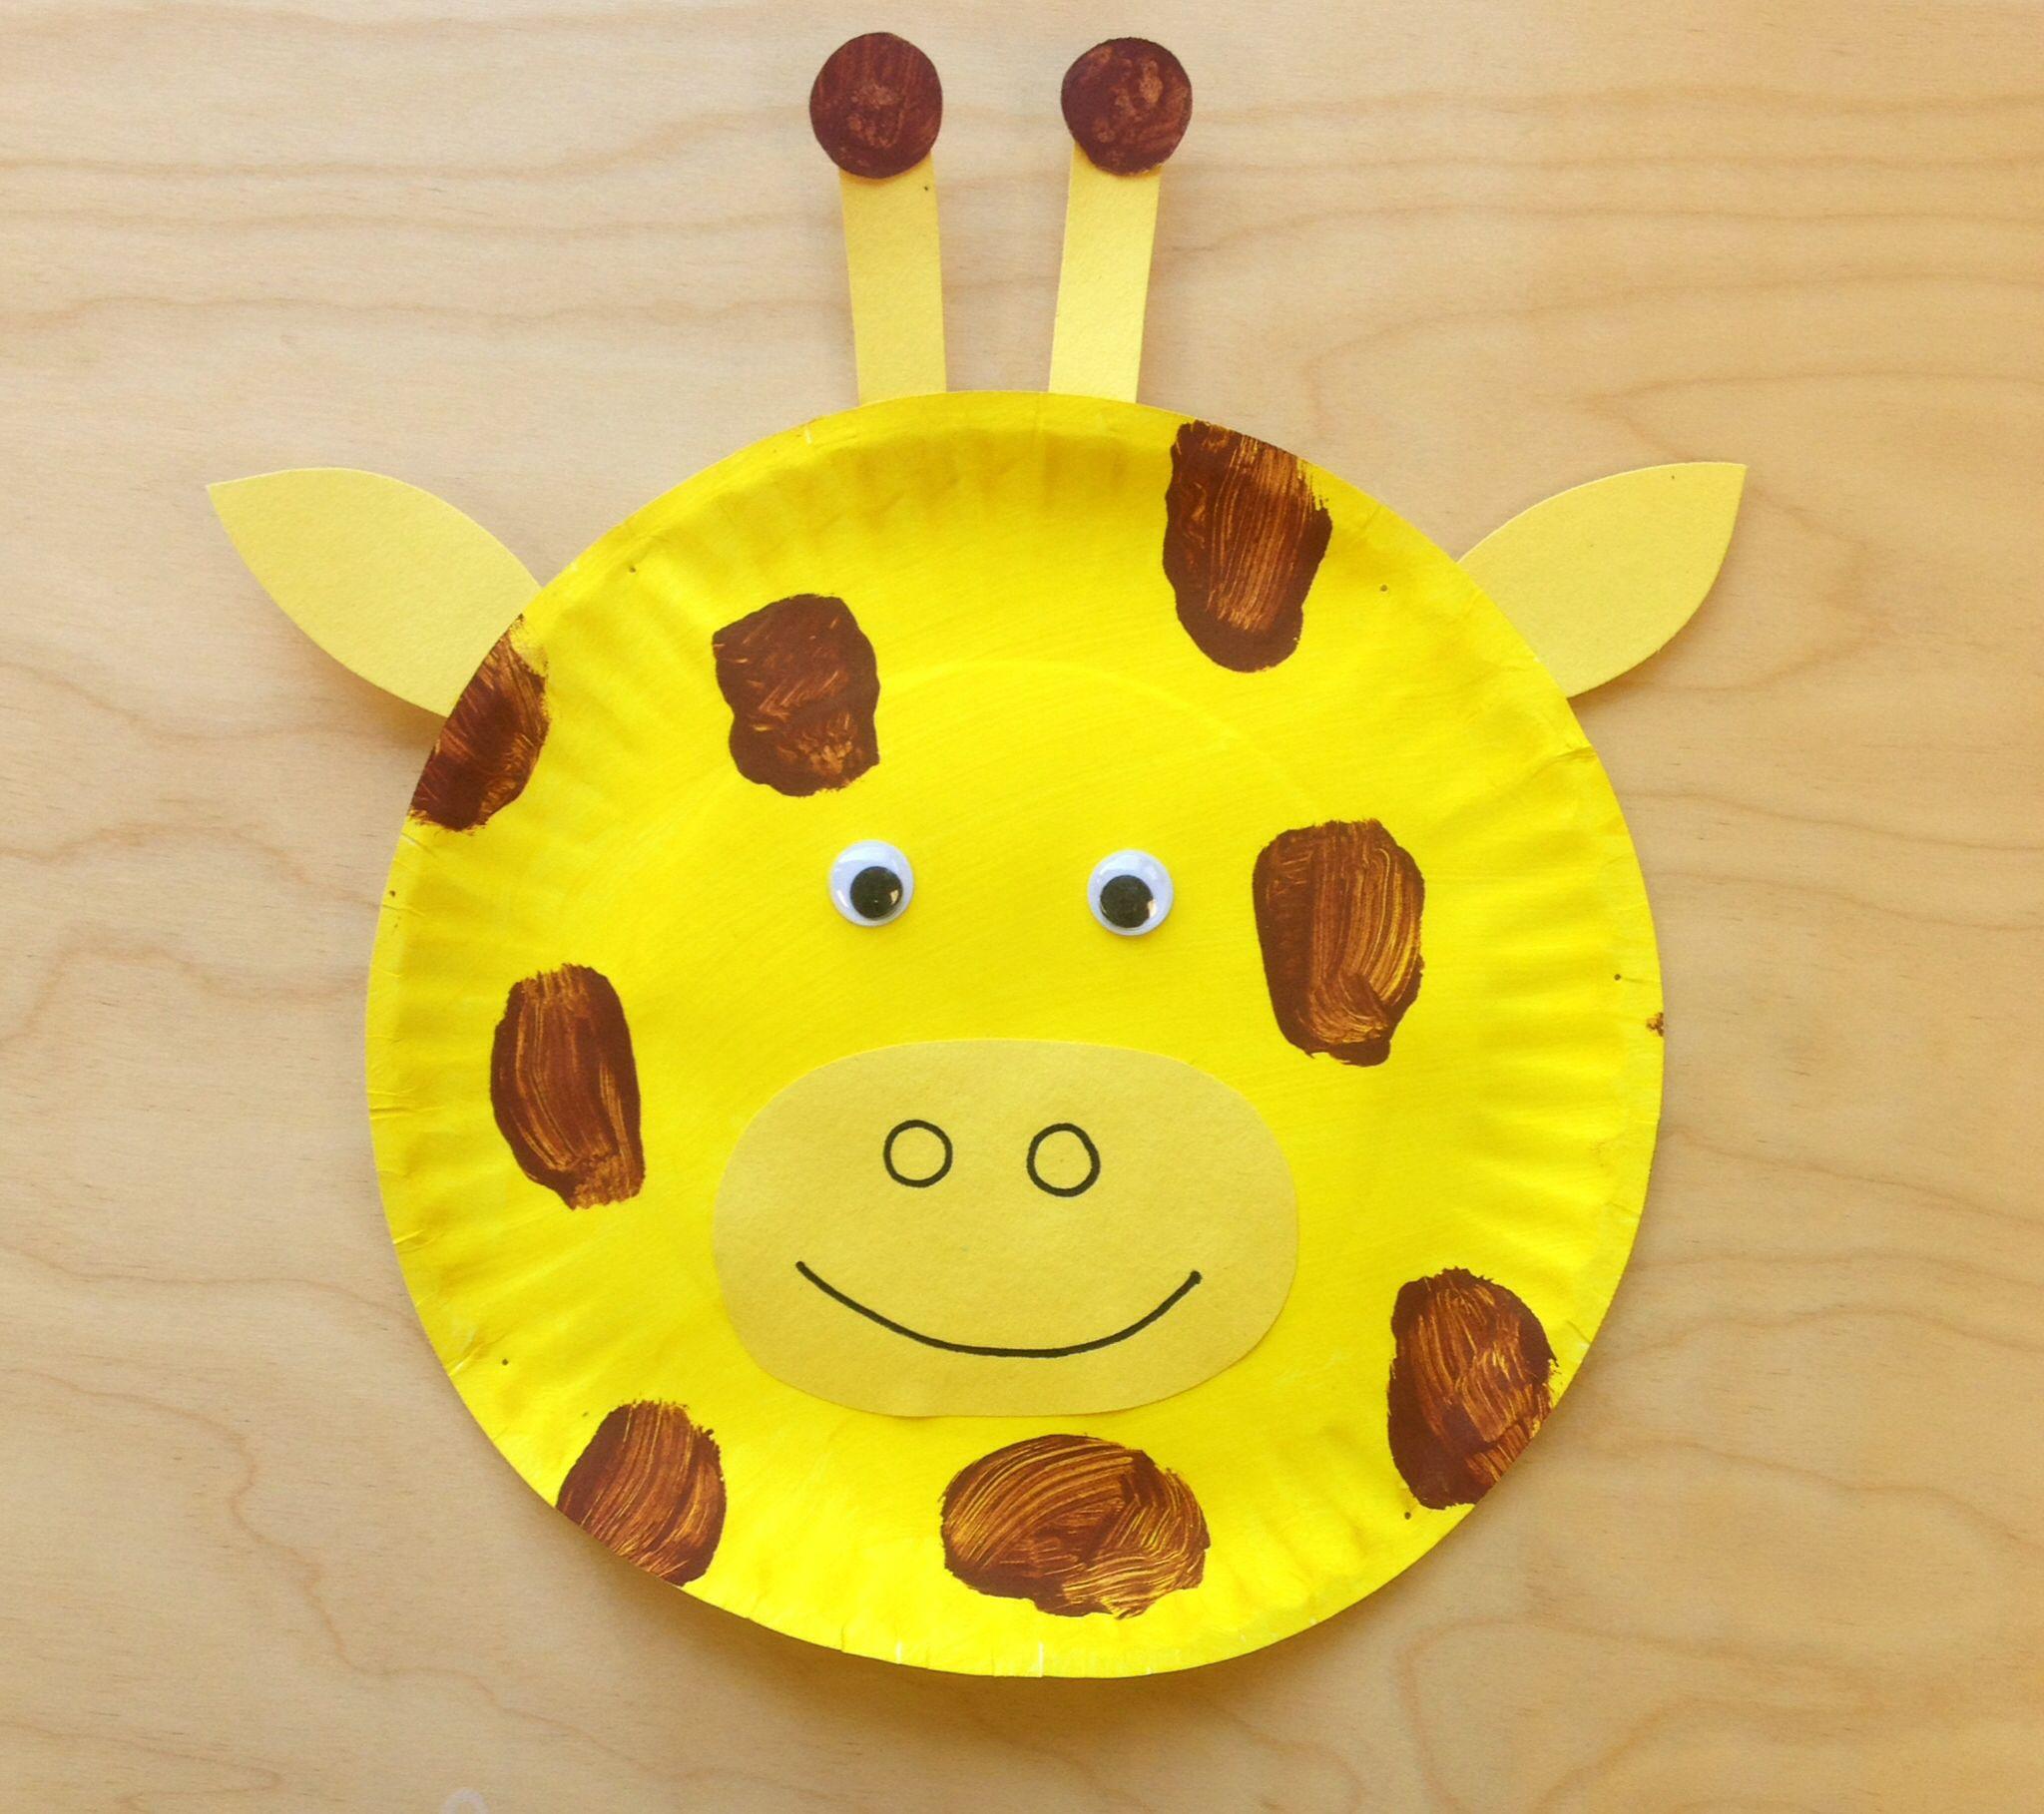 Paper plate giraffe & Paper plate giraffe   kids program   Pinterest   Giraffe and Crafts